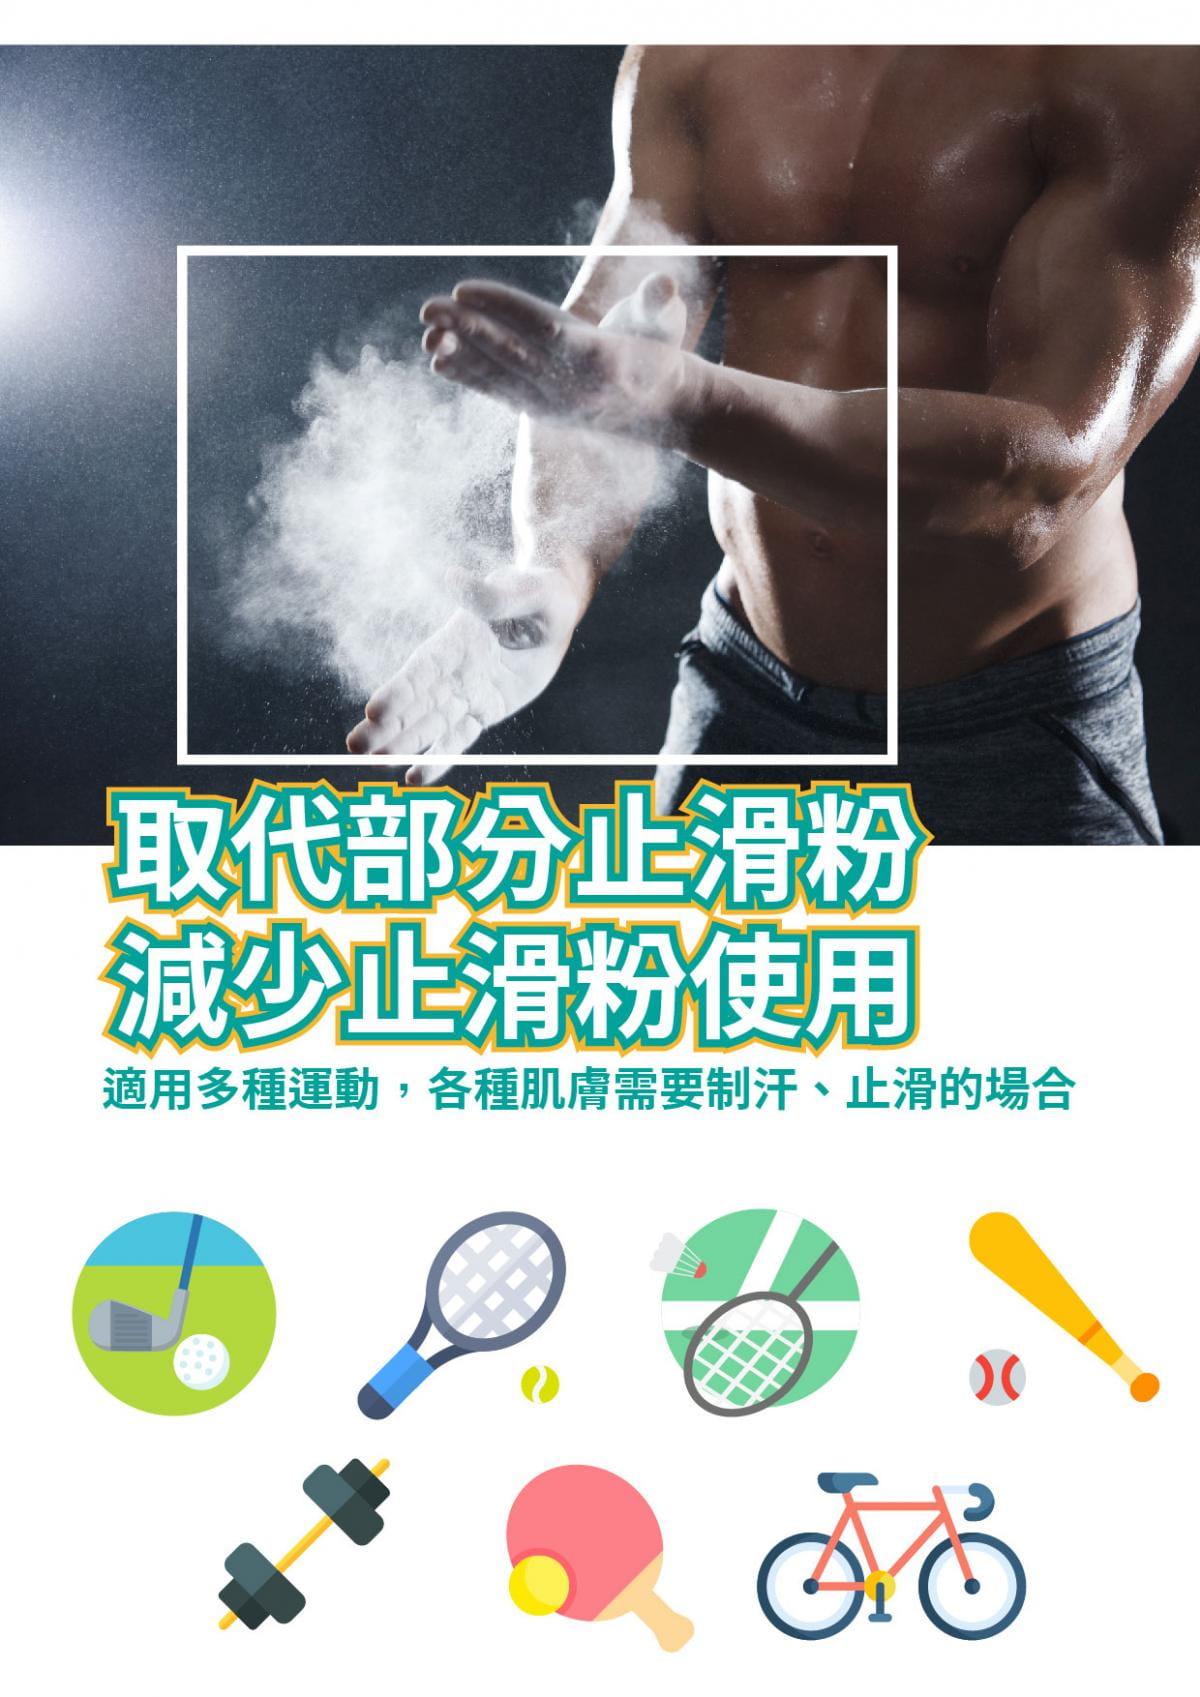 【DOHO】 抓得住運動防護止滑噴霧 3